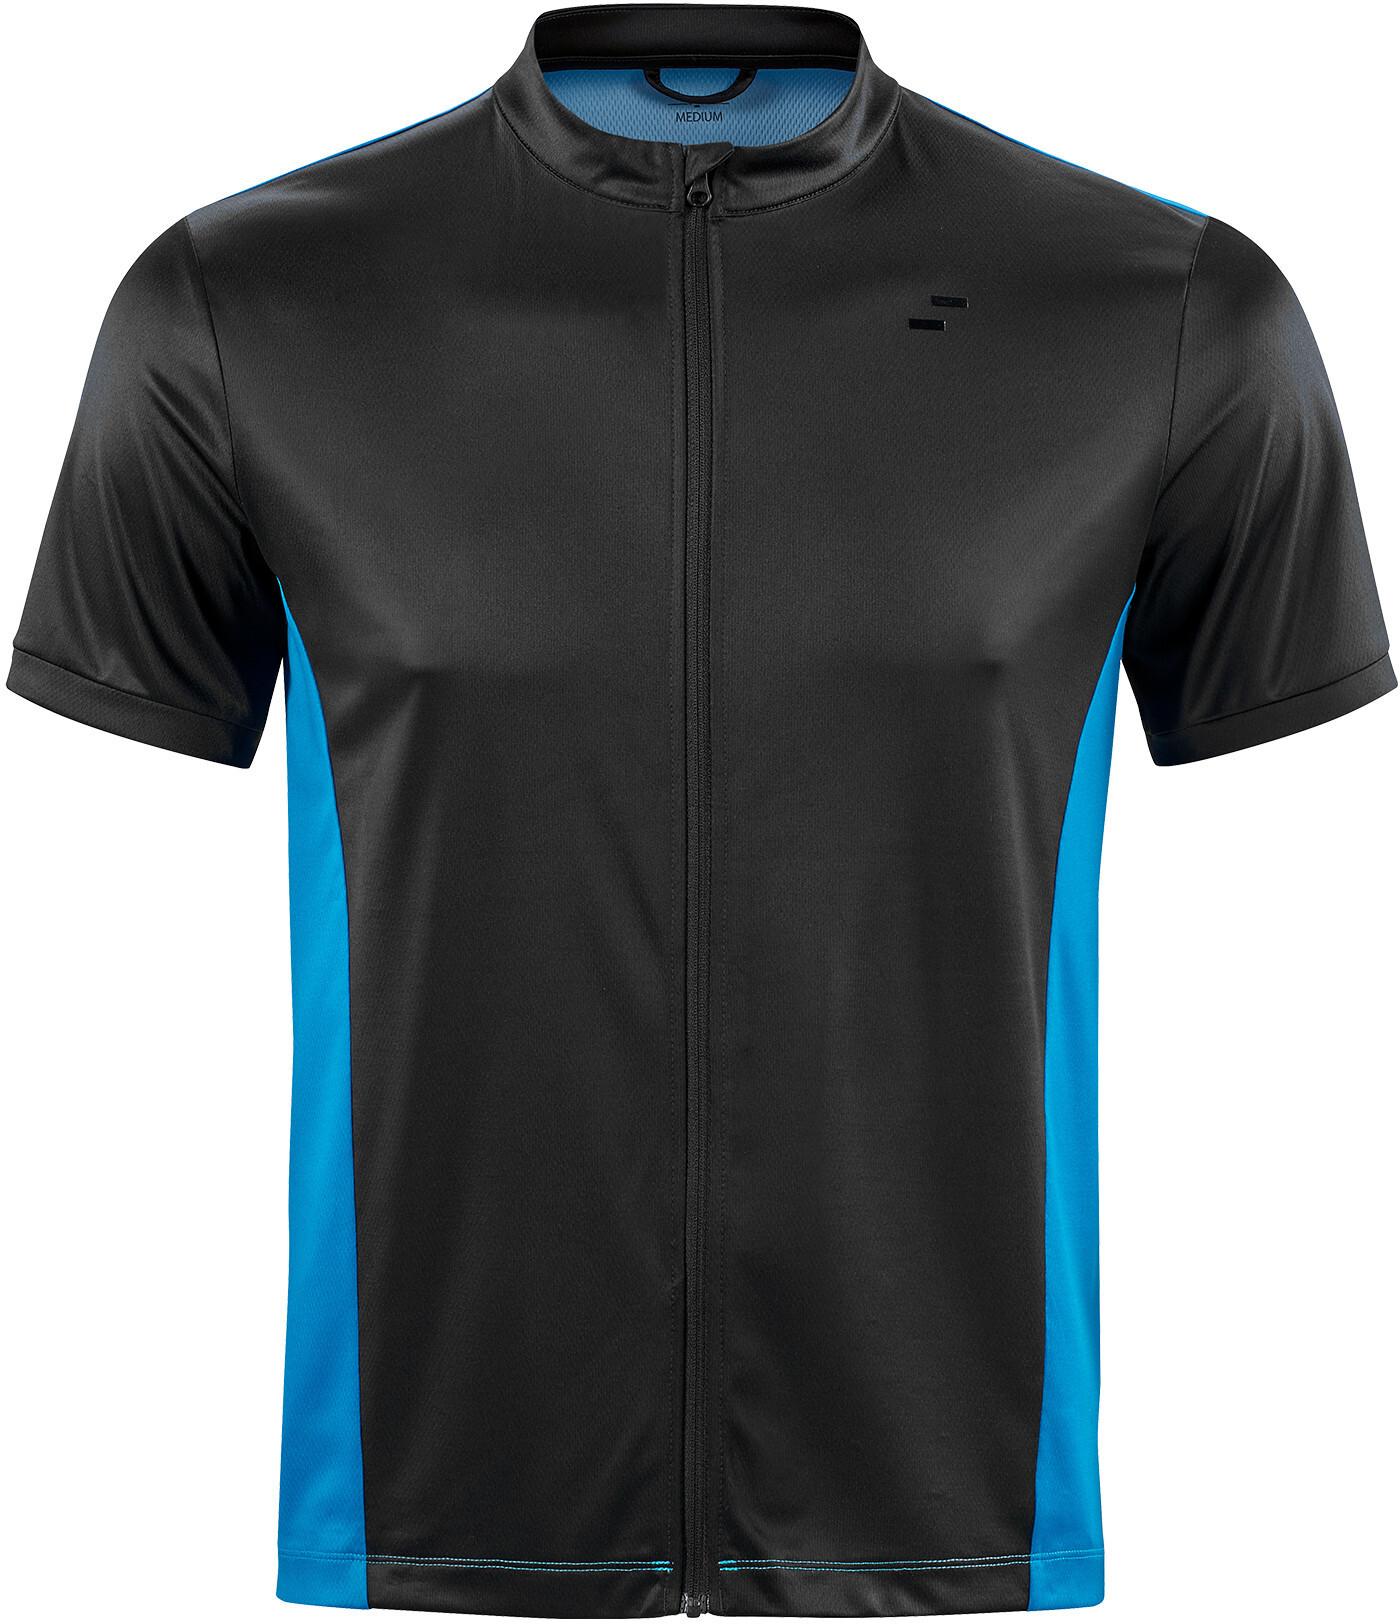 SQUARE Performance Kortærmet cykeltrøje Herrer, blue'n'black (2020) | Jerseys